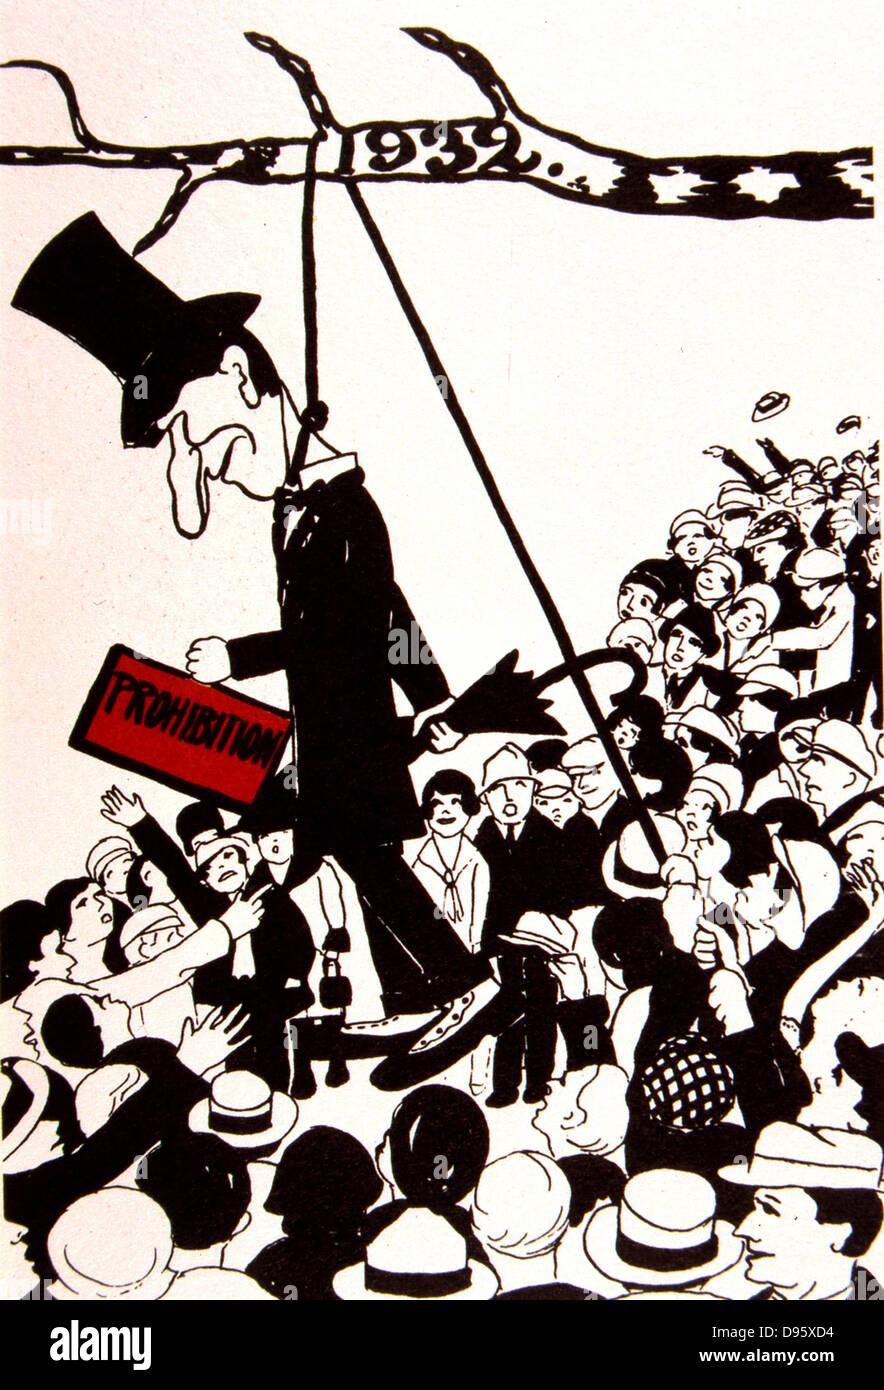 Karikatur gegen (Alkoholverbot). Ein Mob, ein Bildnis des Verbots von einem Baum hängen. 1932. Stockbild